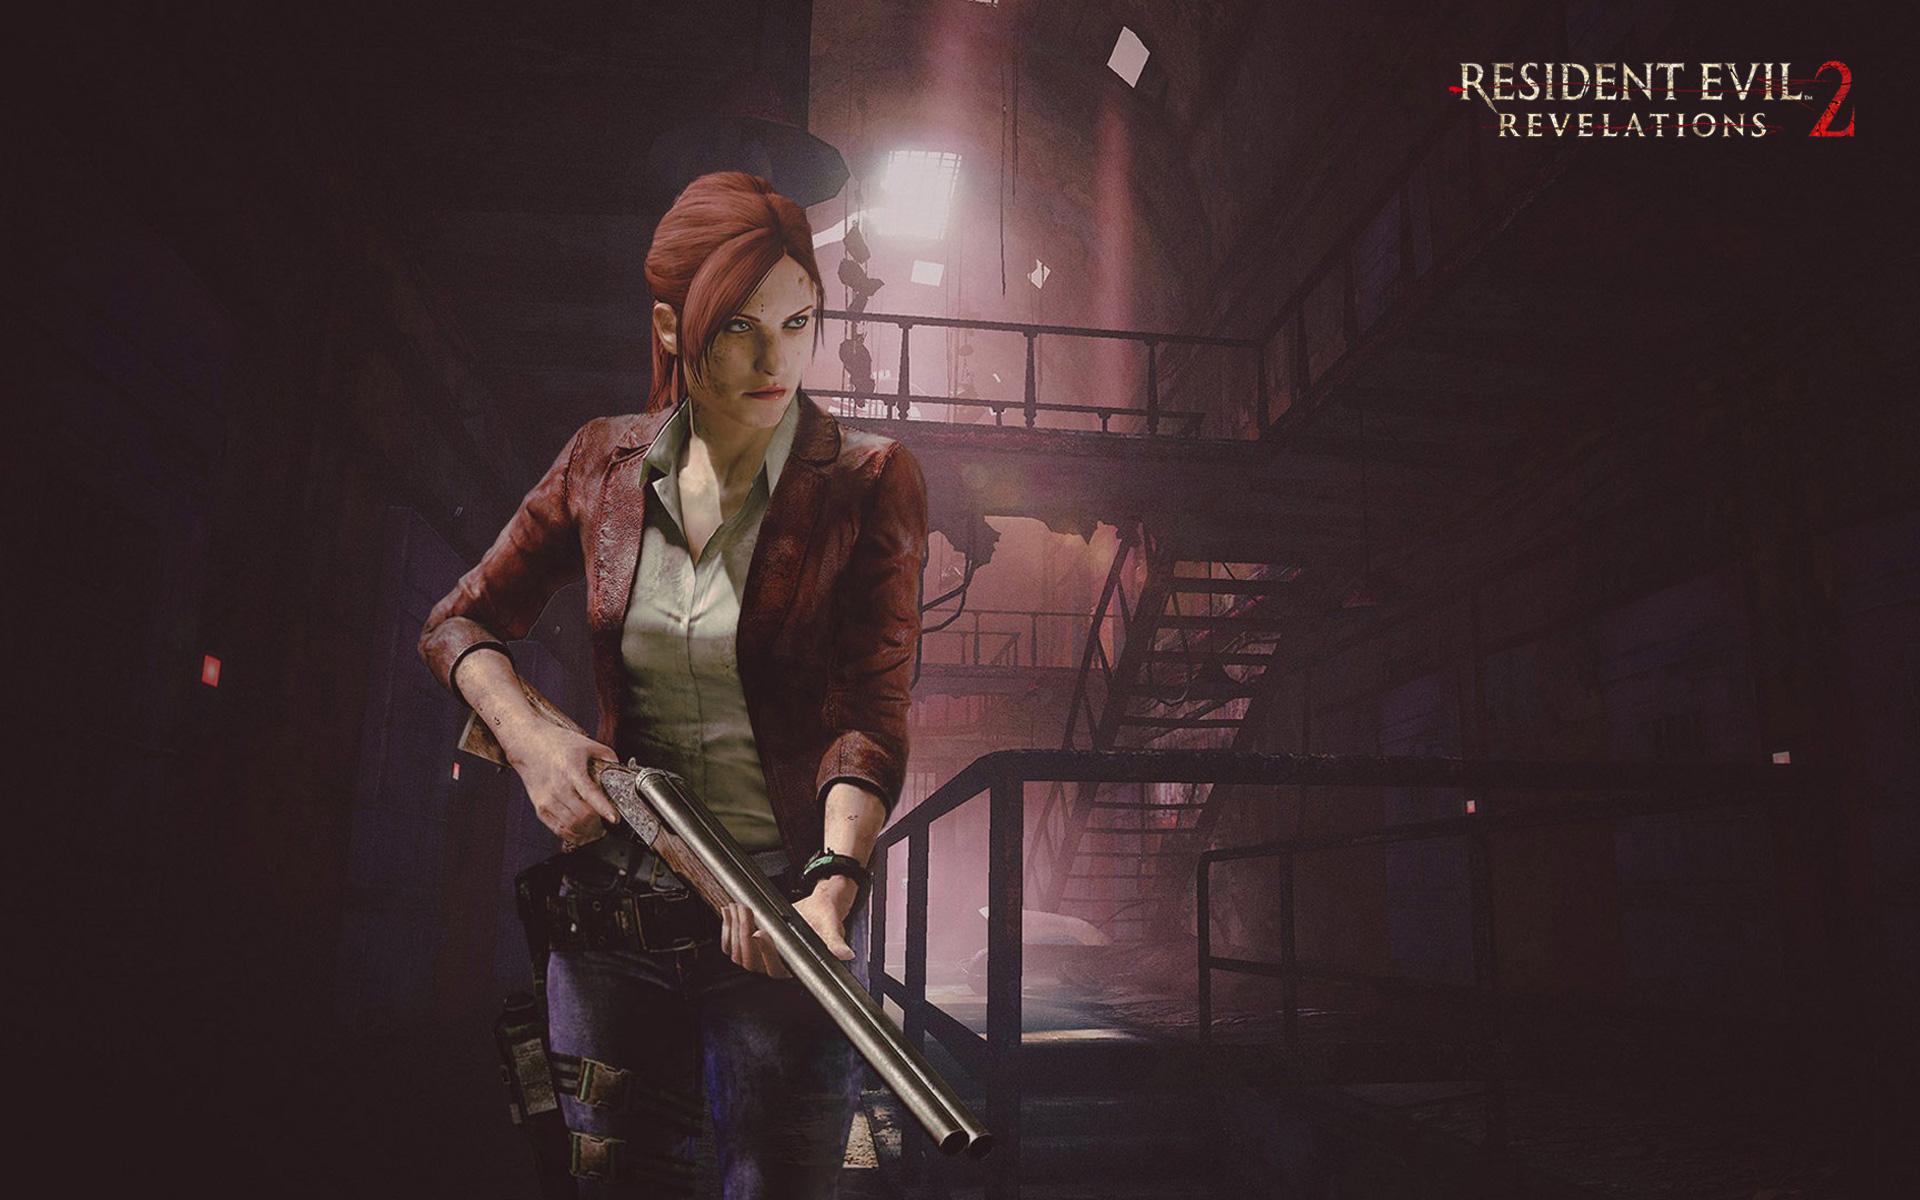 Free Resident Evil: Revelations 2 Wallpaper in 1920x1200